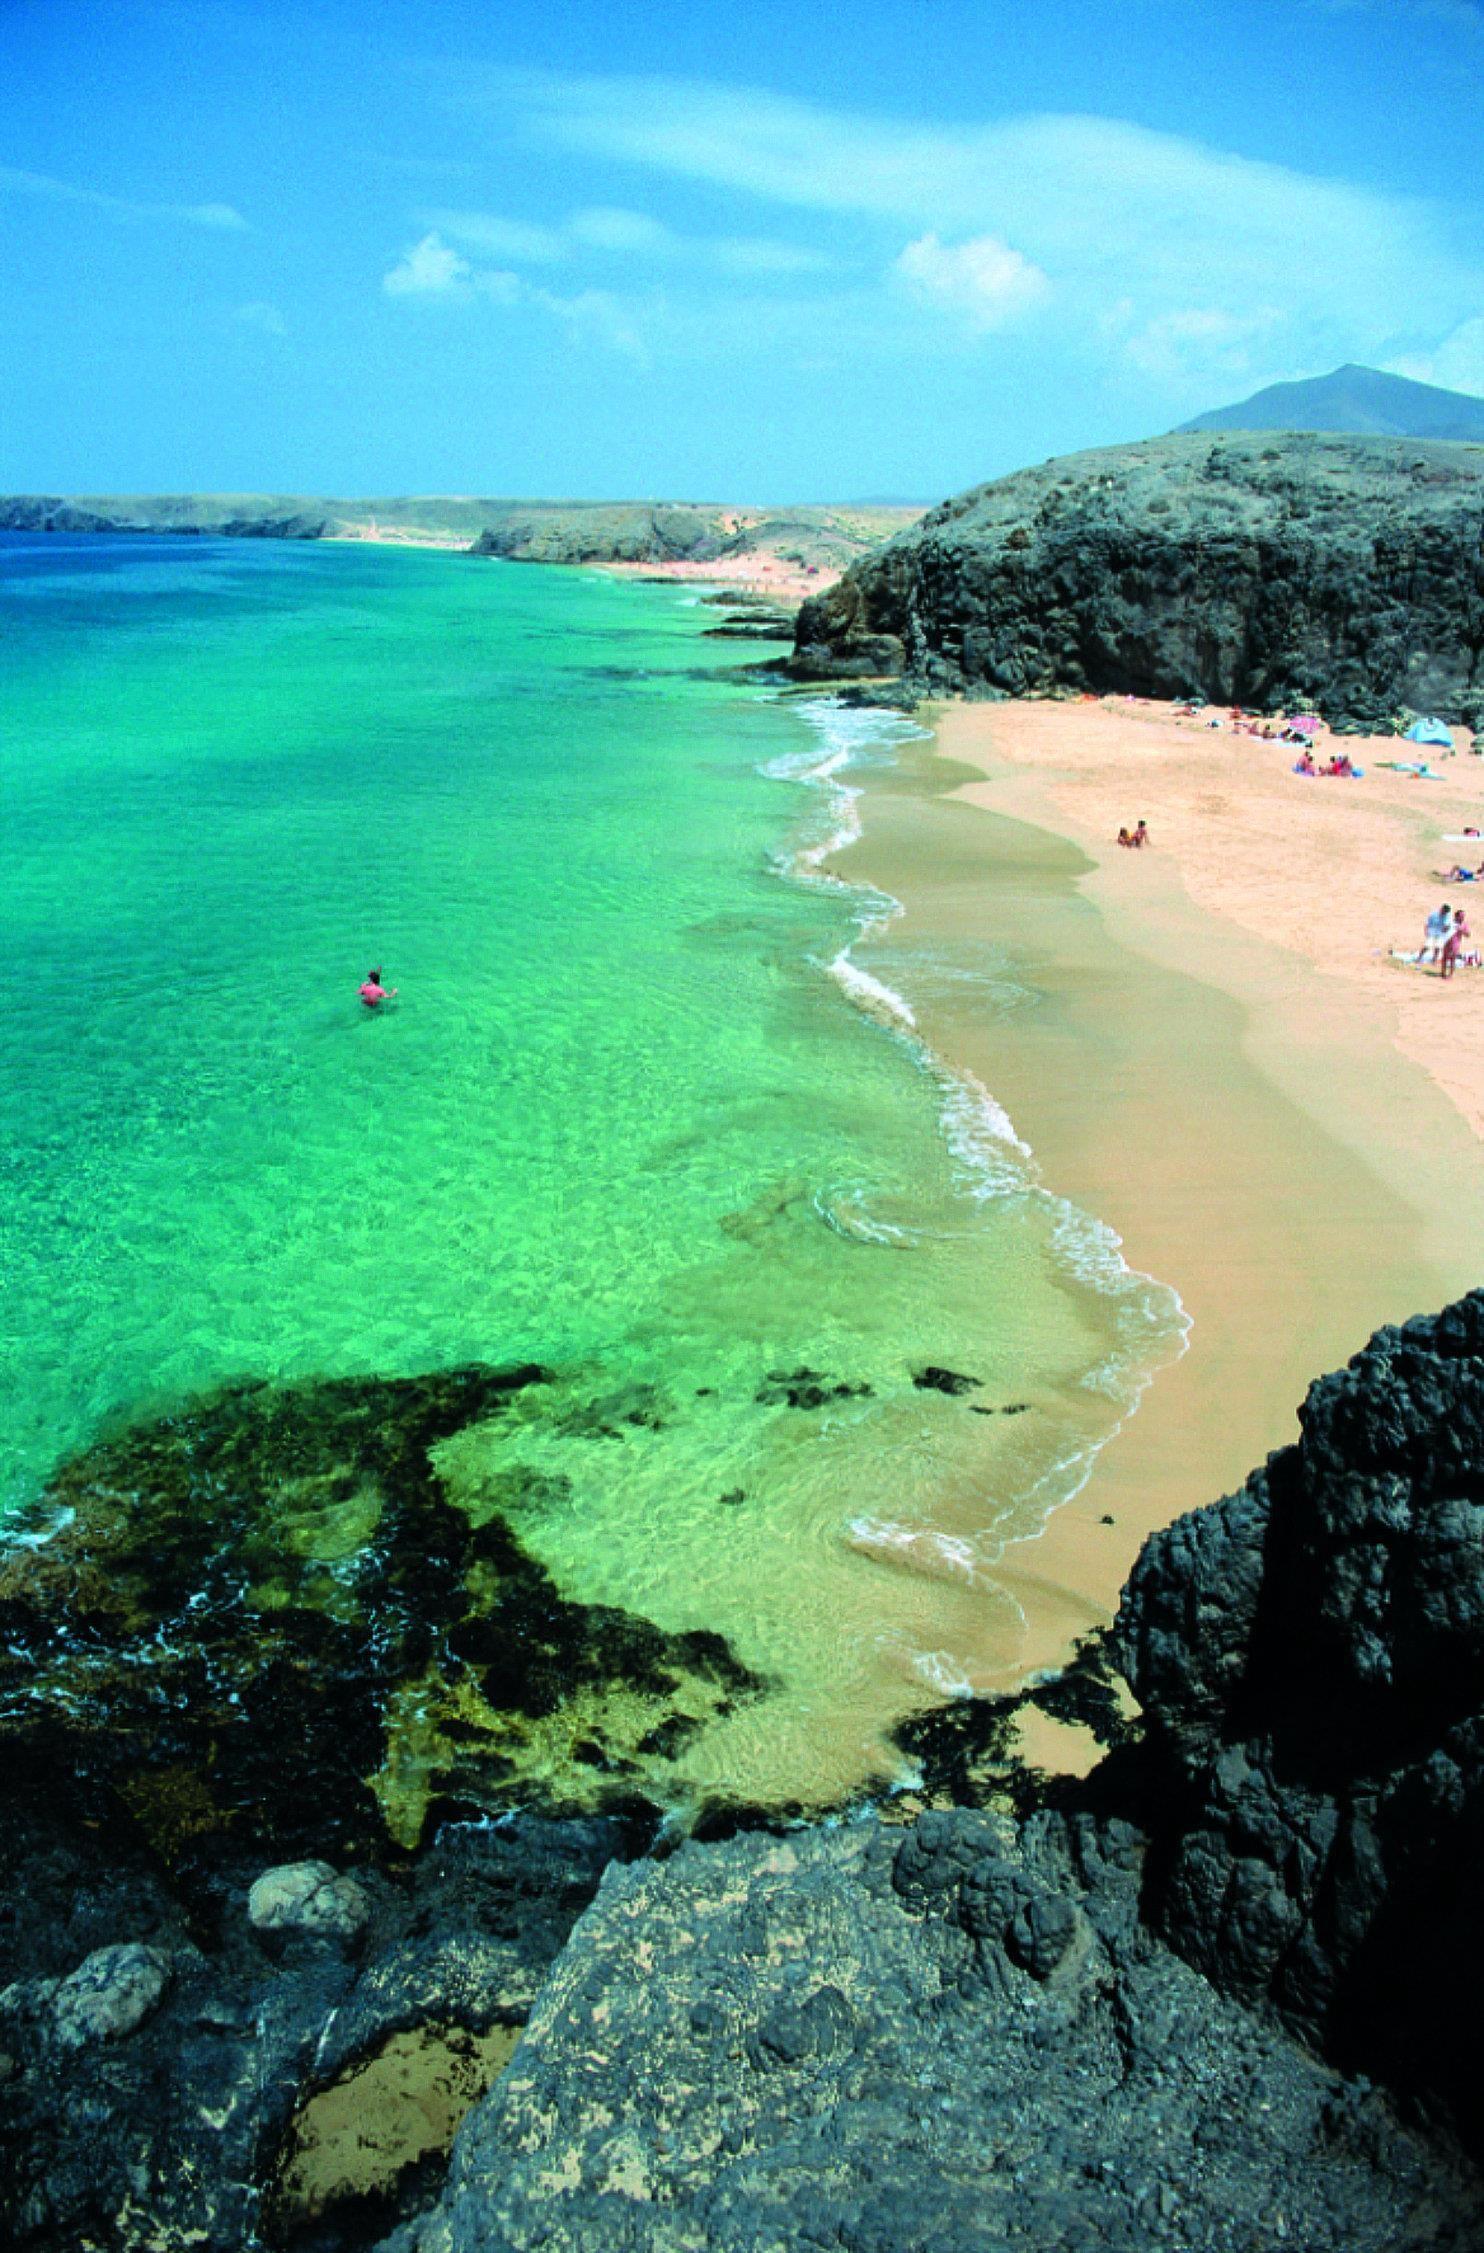 Les Plus Belles Plages De Lanzarote îles Canaries Beaches